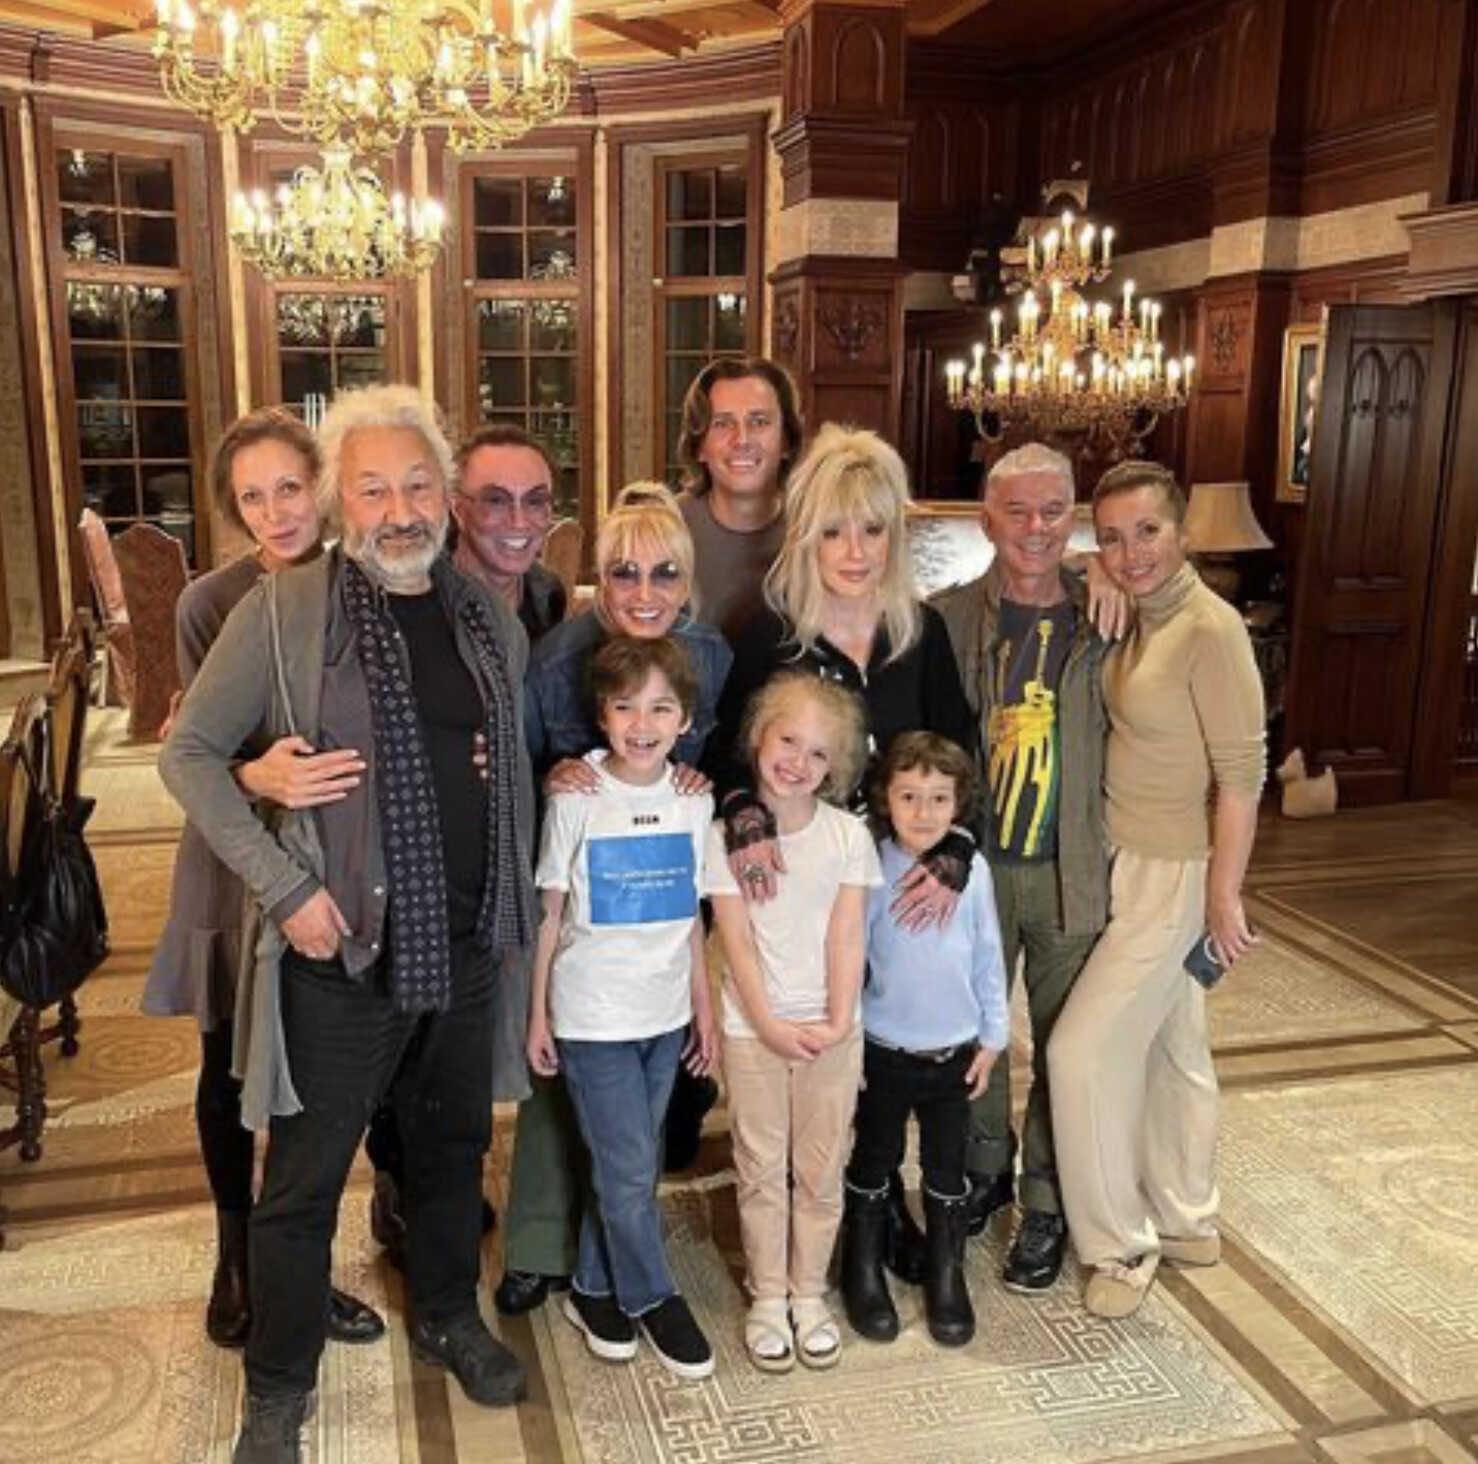 «Весело посидели»: Максим Галкин поделился снимком домашних посиделок с друзьями, на котором не узнали Валерия Леонтьева